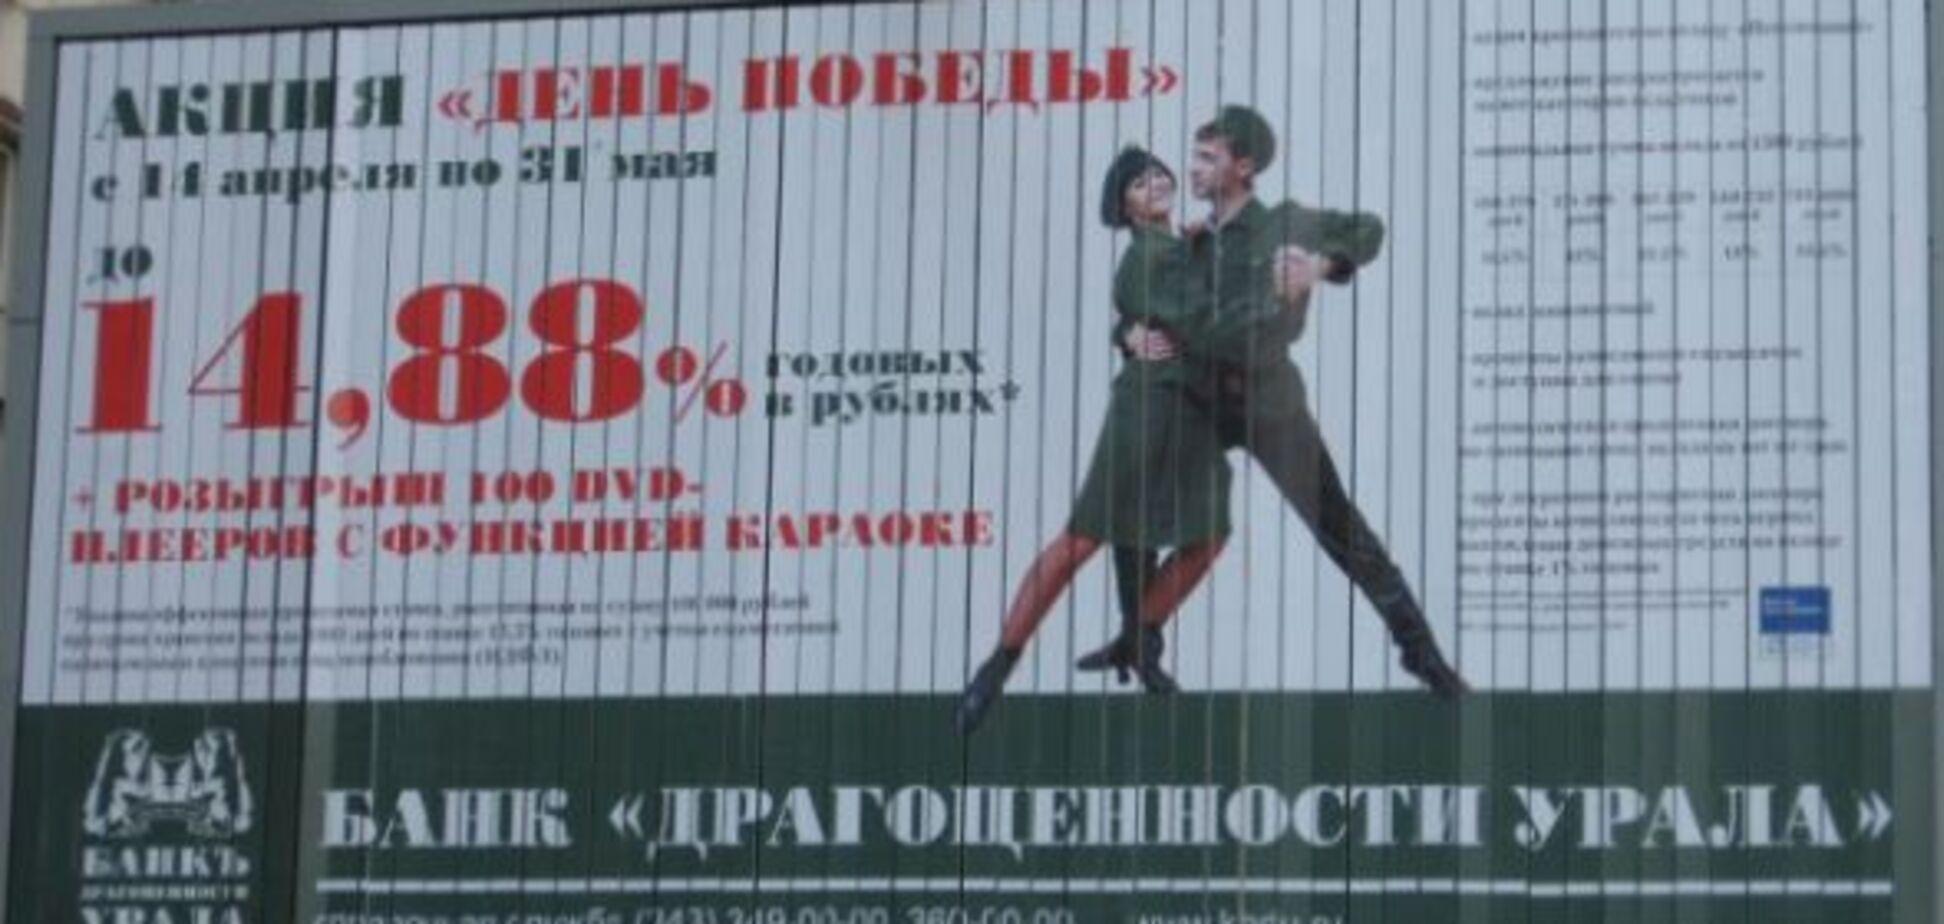 Издевательства продолжаются. 14,88% в акции 'День Победы'